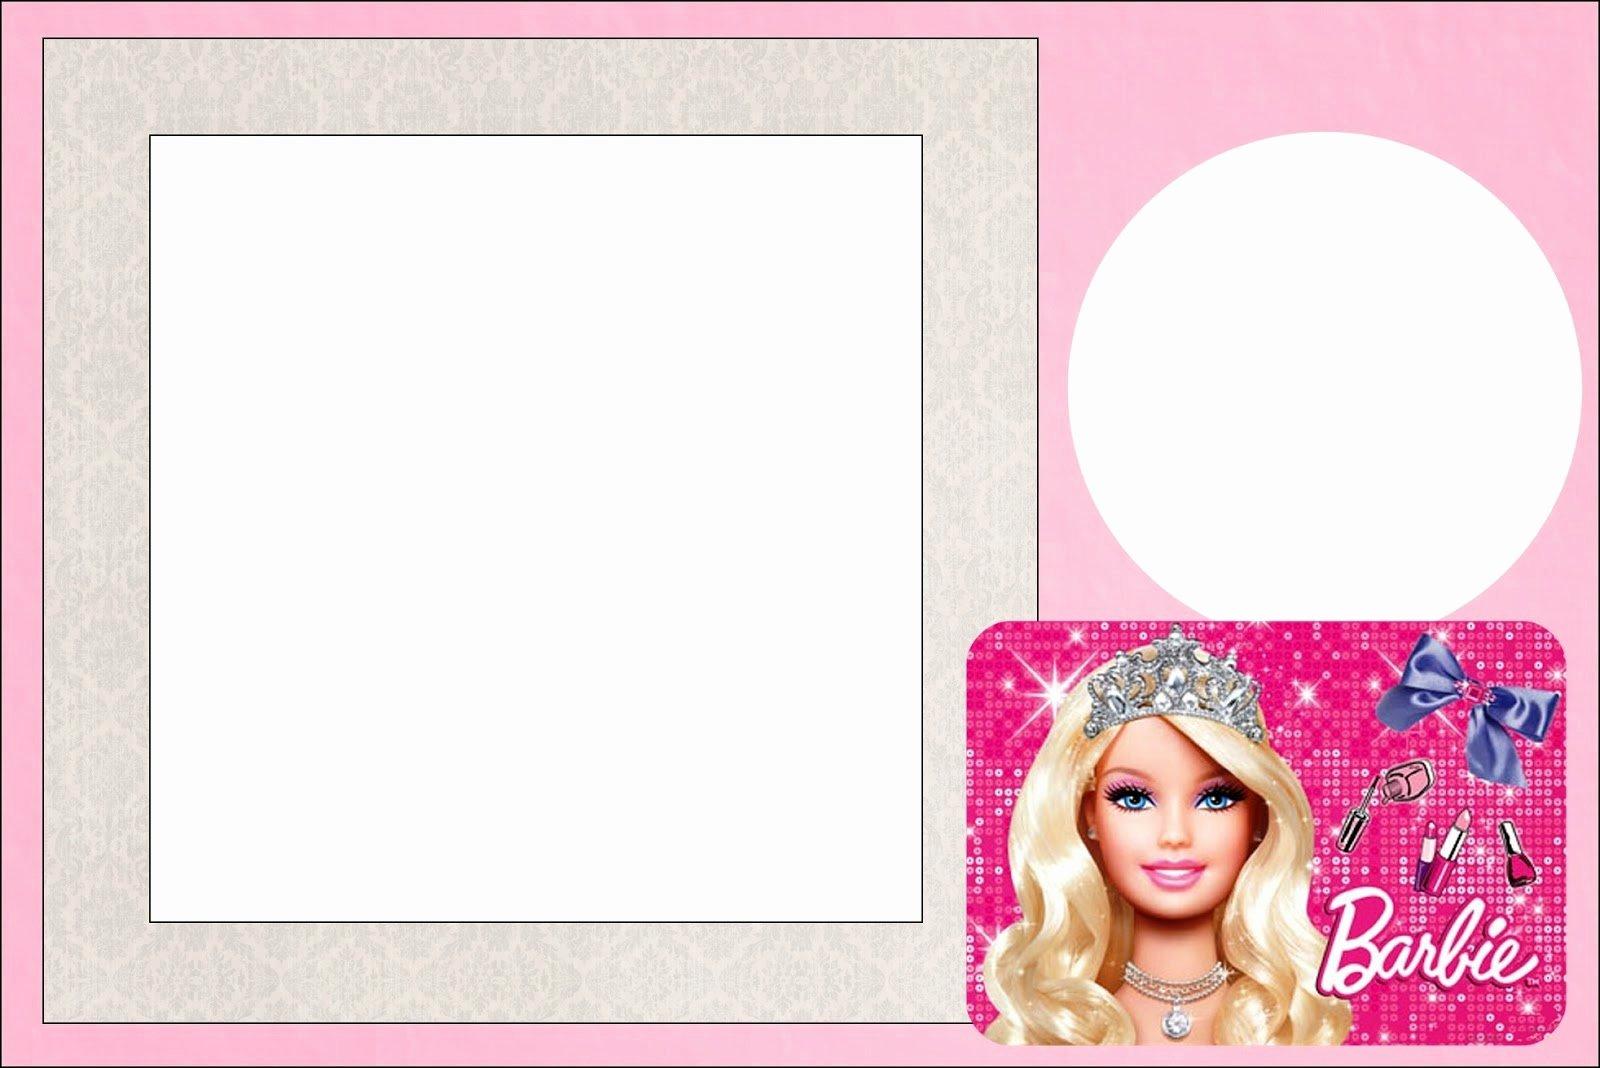 Free Printable Barbie Invitations Inspirational Barbie Life Style Free Printable Invitations